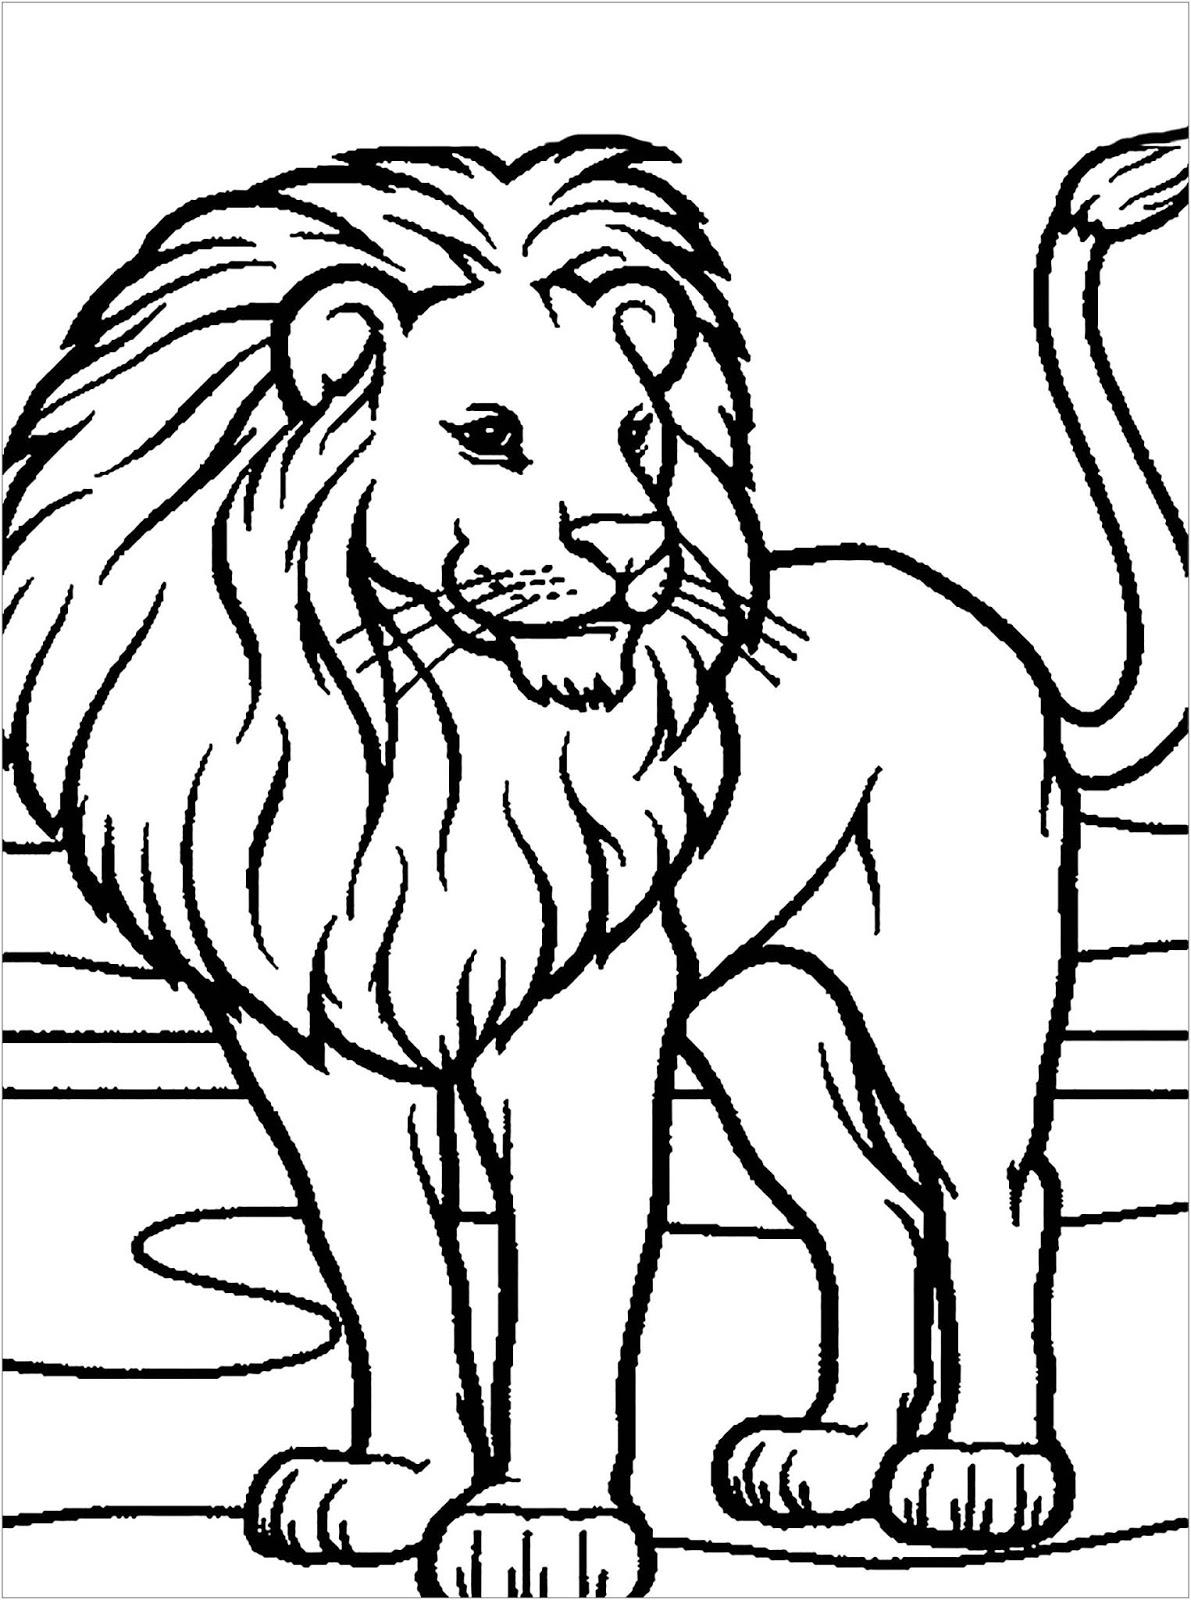 Tranh tô màu con sư tử 9